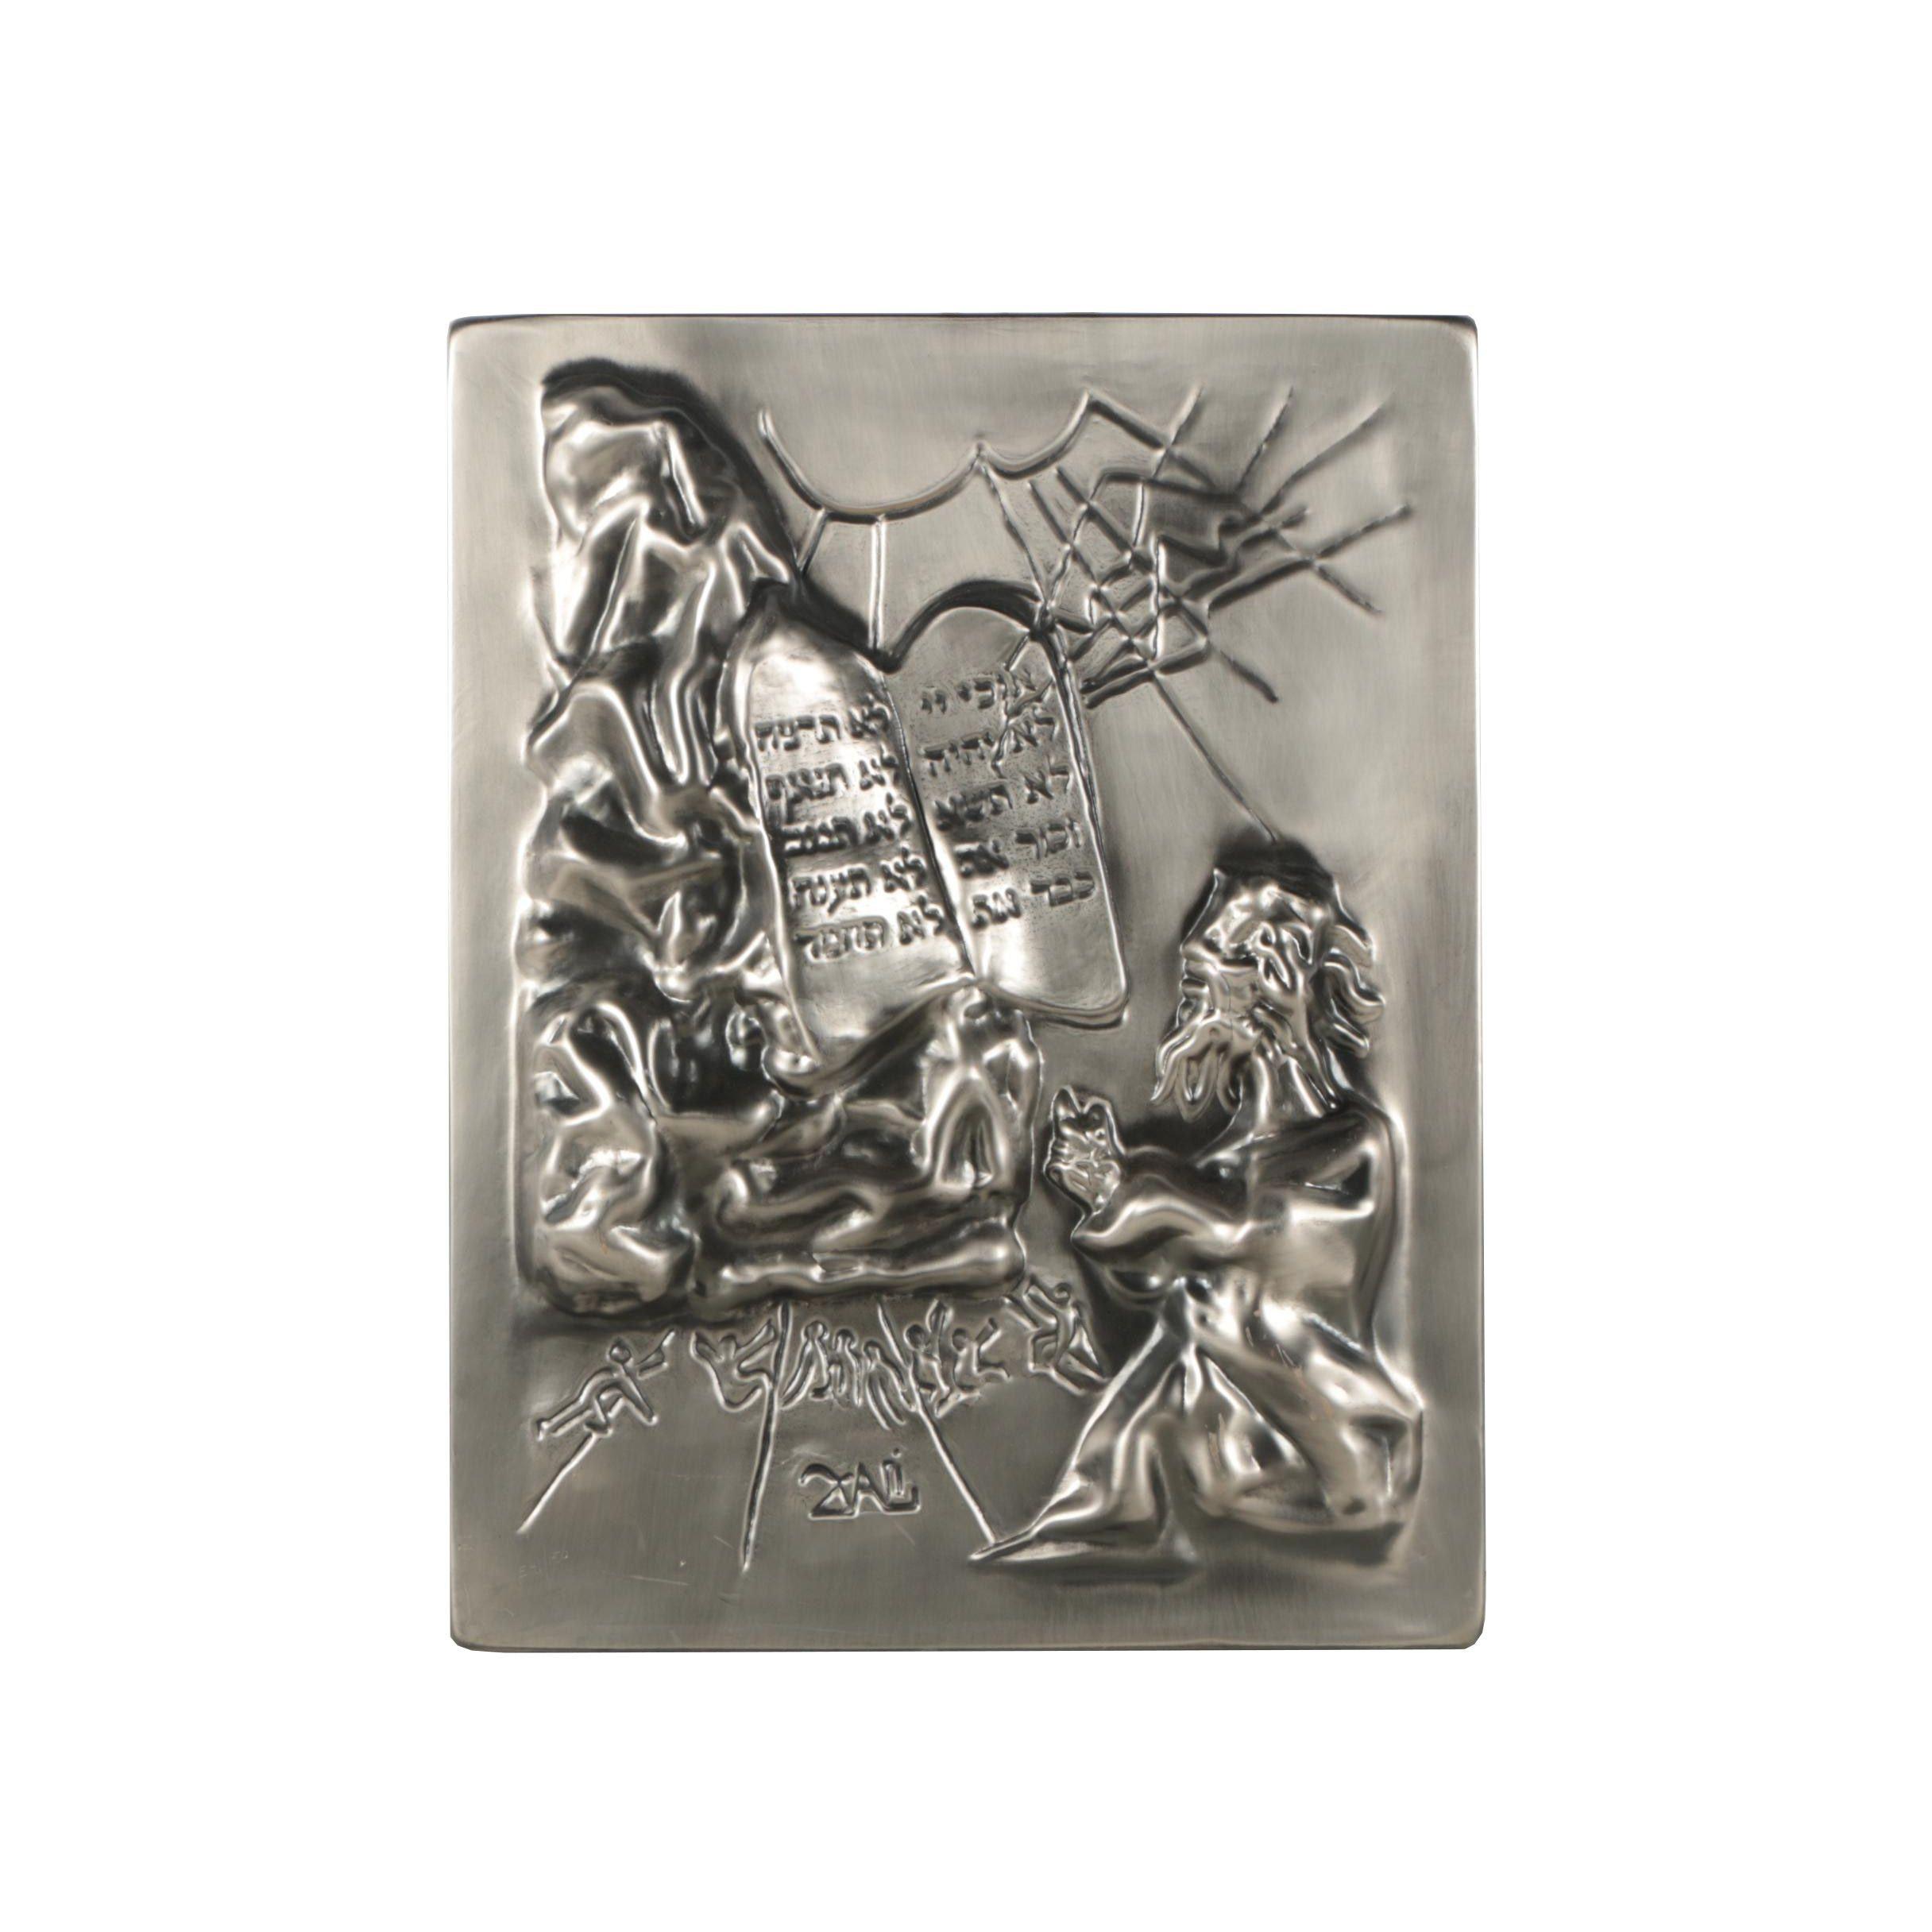 """Bas-Relief of Salvador Dali's """"The Ten Commandments"""""""